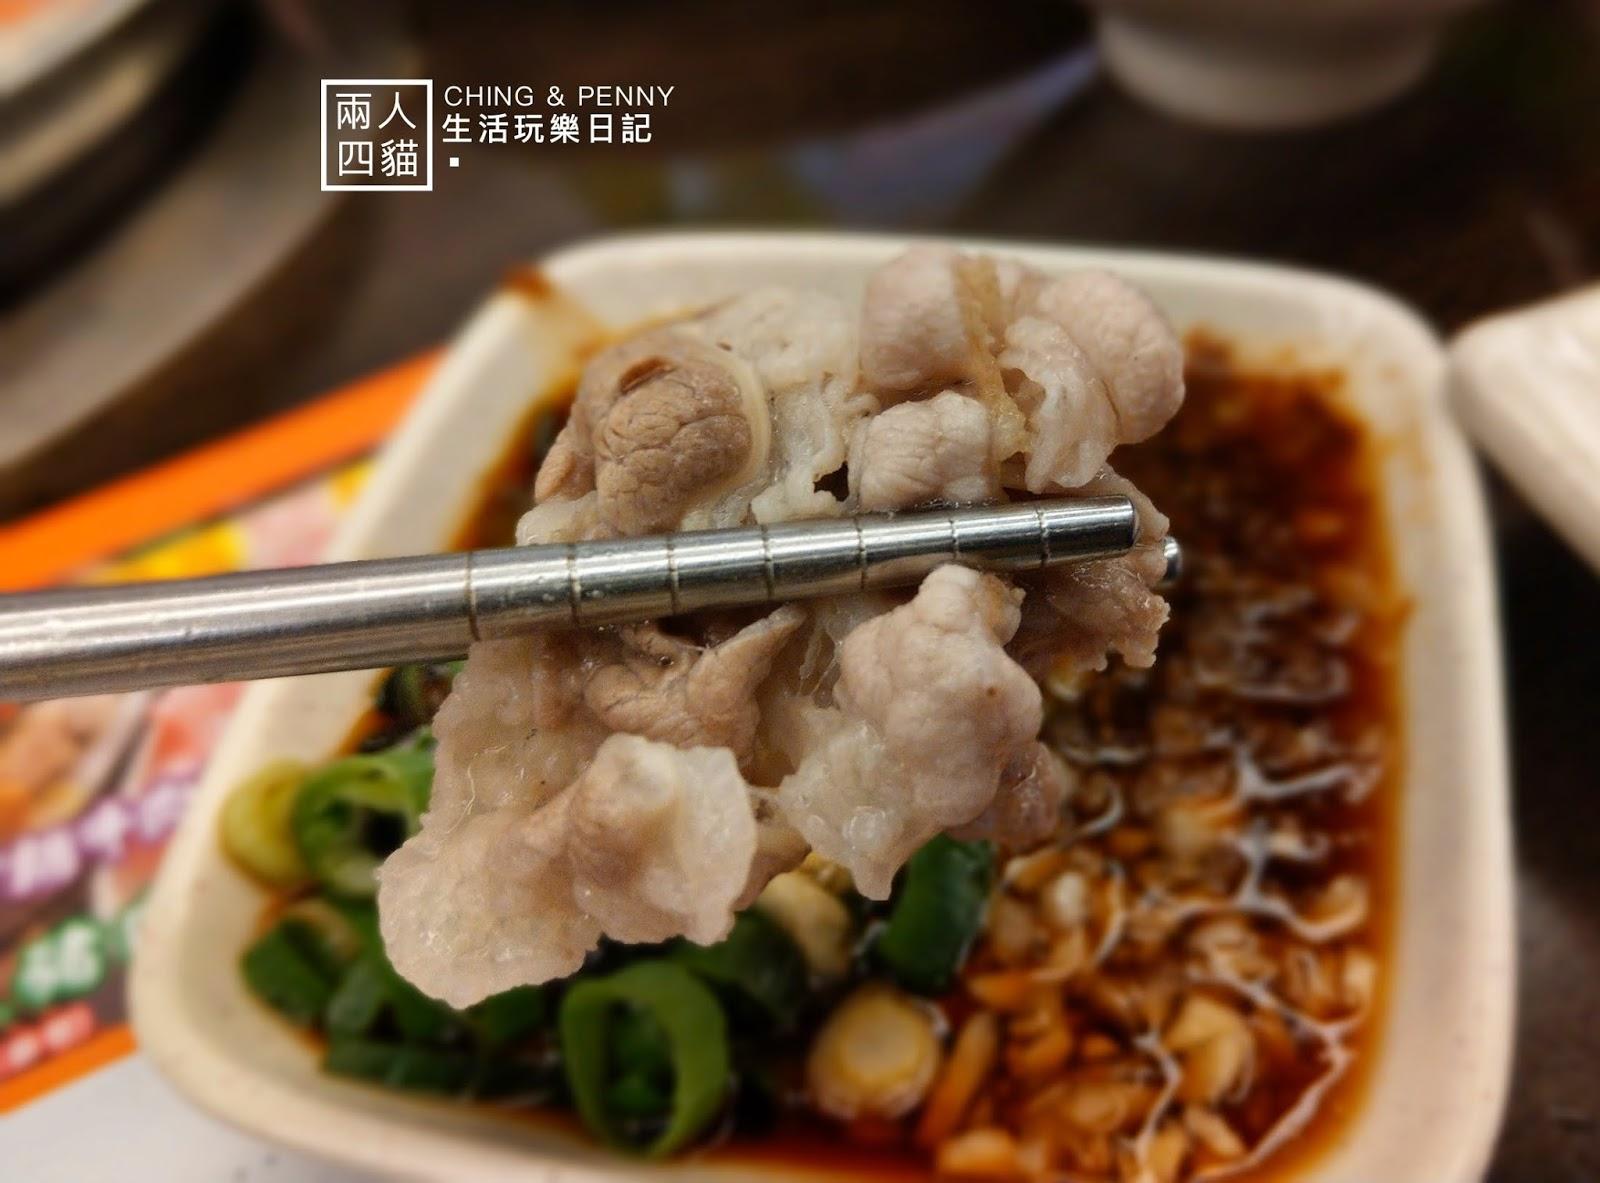 【大同 美食】食材新鮮、高CP值『 錢都日式涮涮鍋-延平直營店』+ 永樂市場買布初體驗!